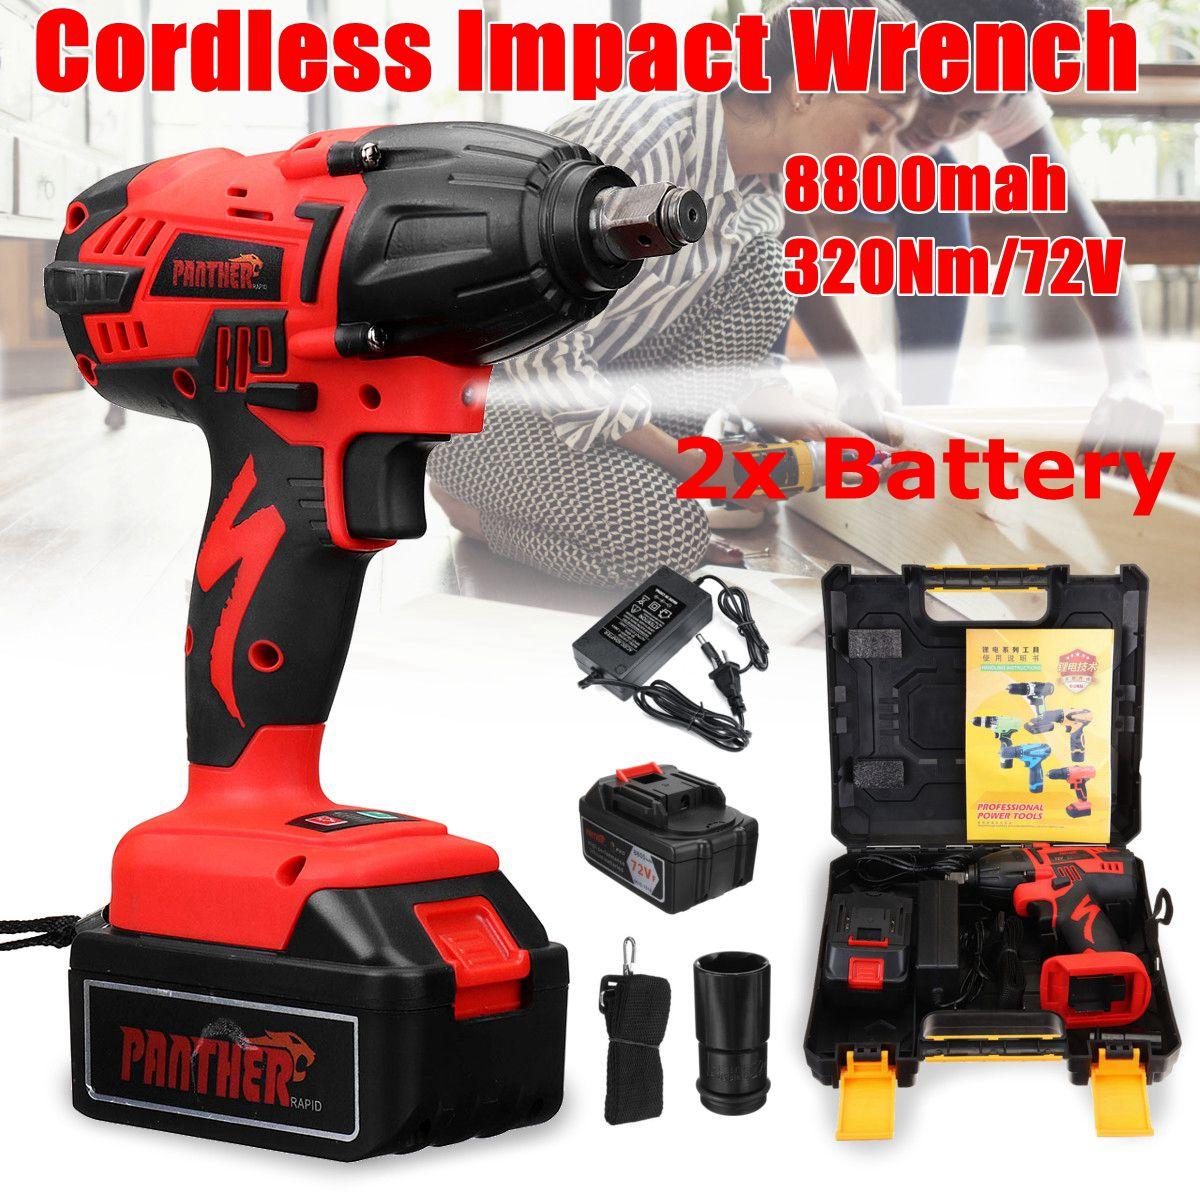 25 V 8800Ah Li-ion boulonneuse électrique Canons 320Nm High Torque clé à chocs Sans Fil 1/2 Batteries 1 Chargeur Puissance Outil